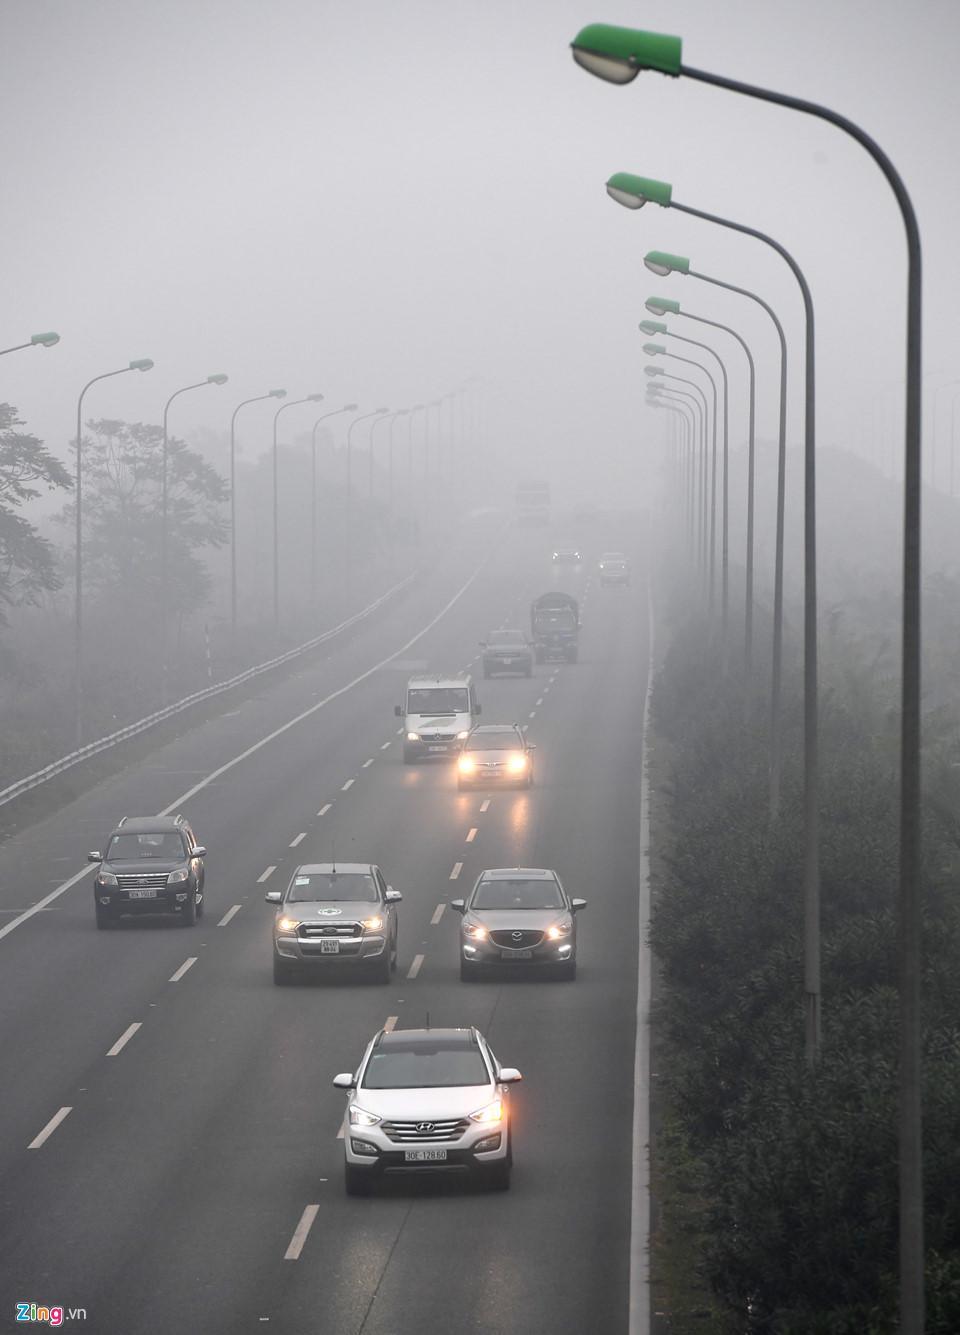 Các tòa nhà mất nóc trong sương mù dày đặc bao phủ Hà Nội-11